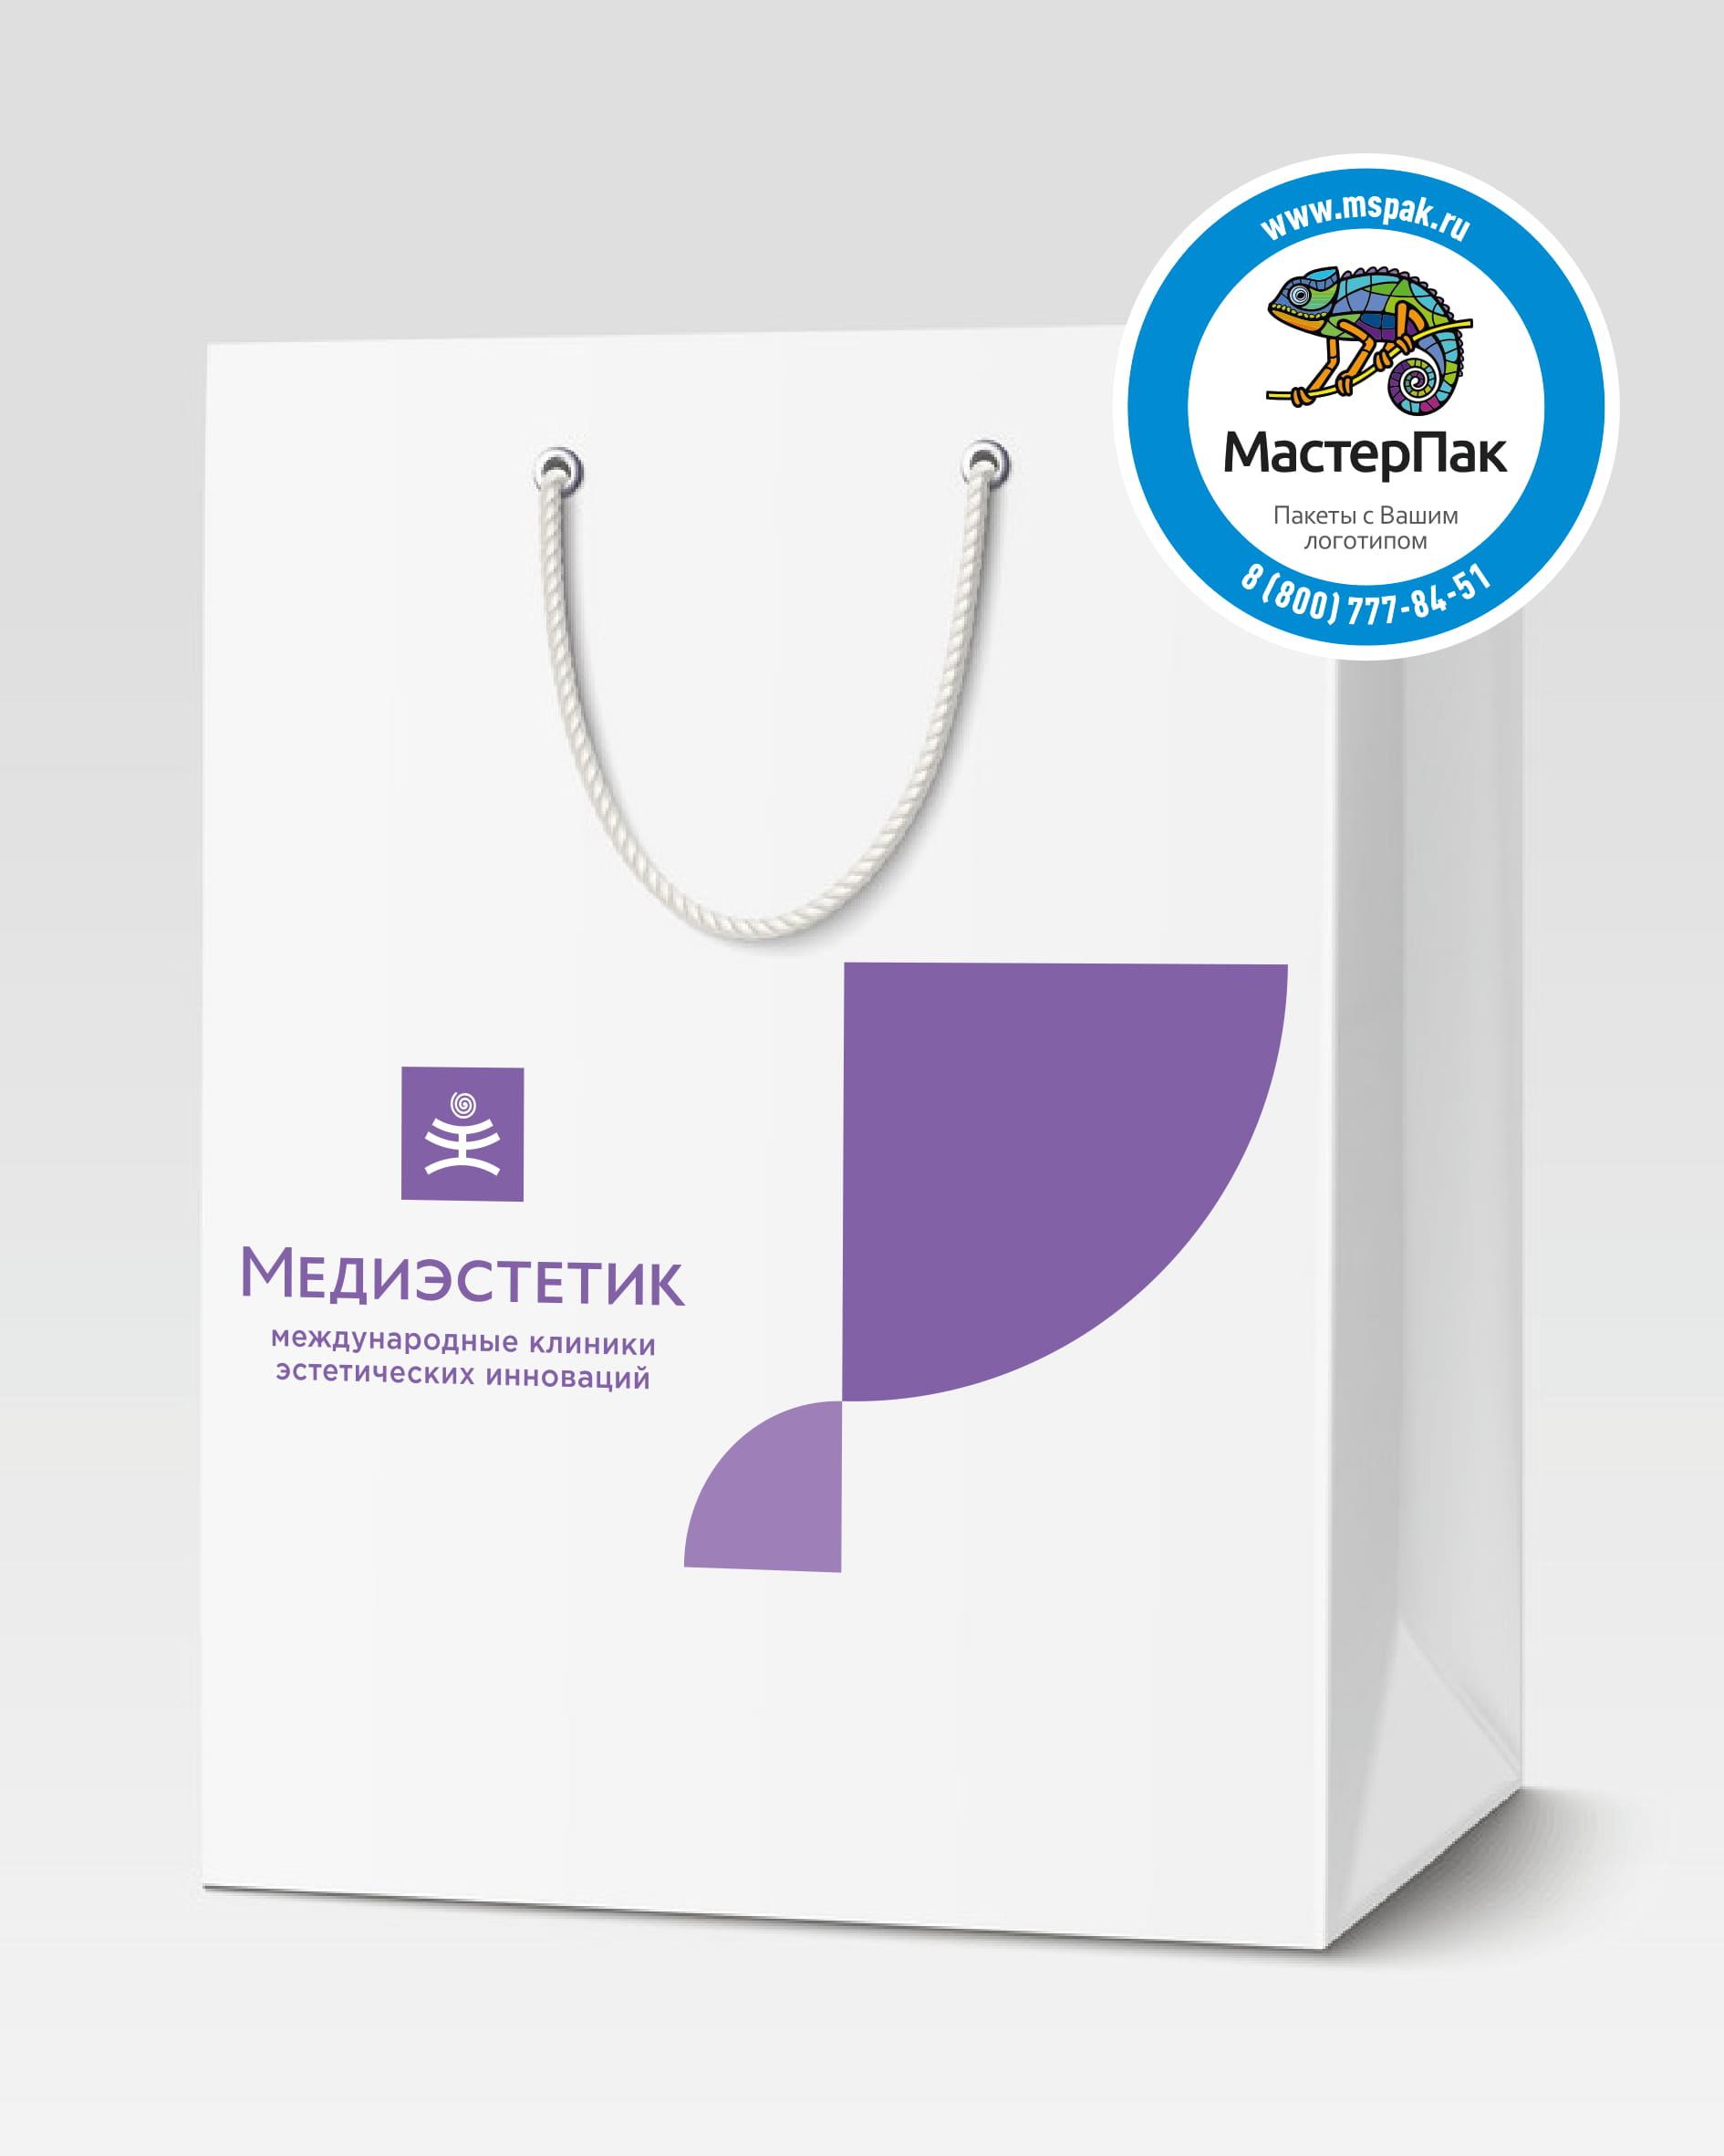 Пакет подарочный, бумажный с логотипом Медиэстетик, Москва, 30*40, люверсы